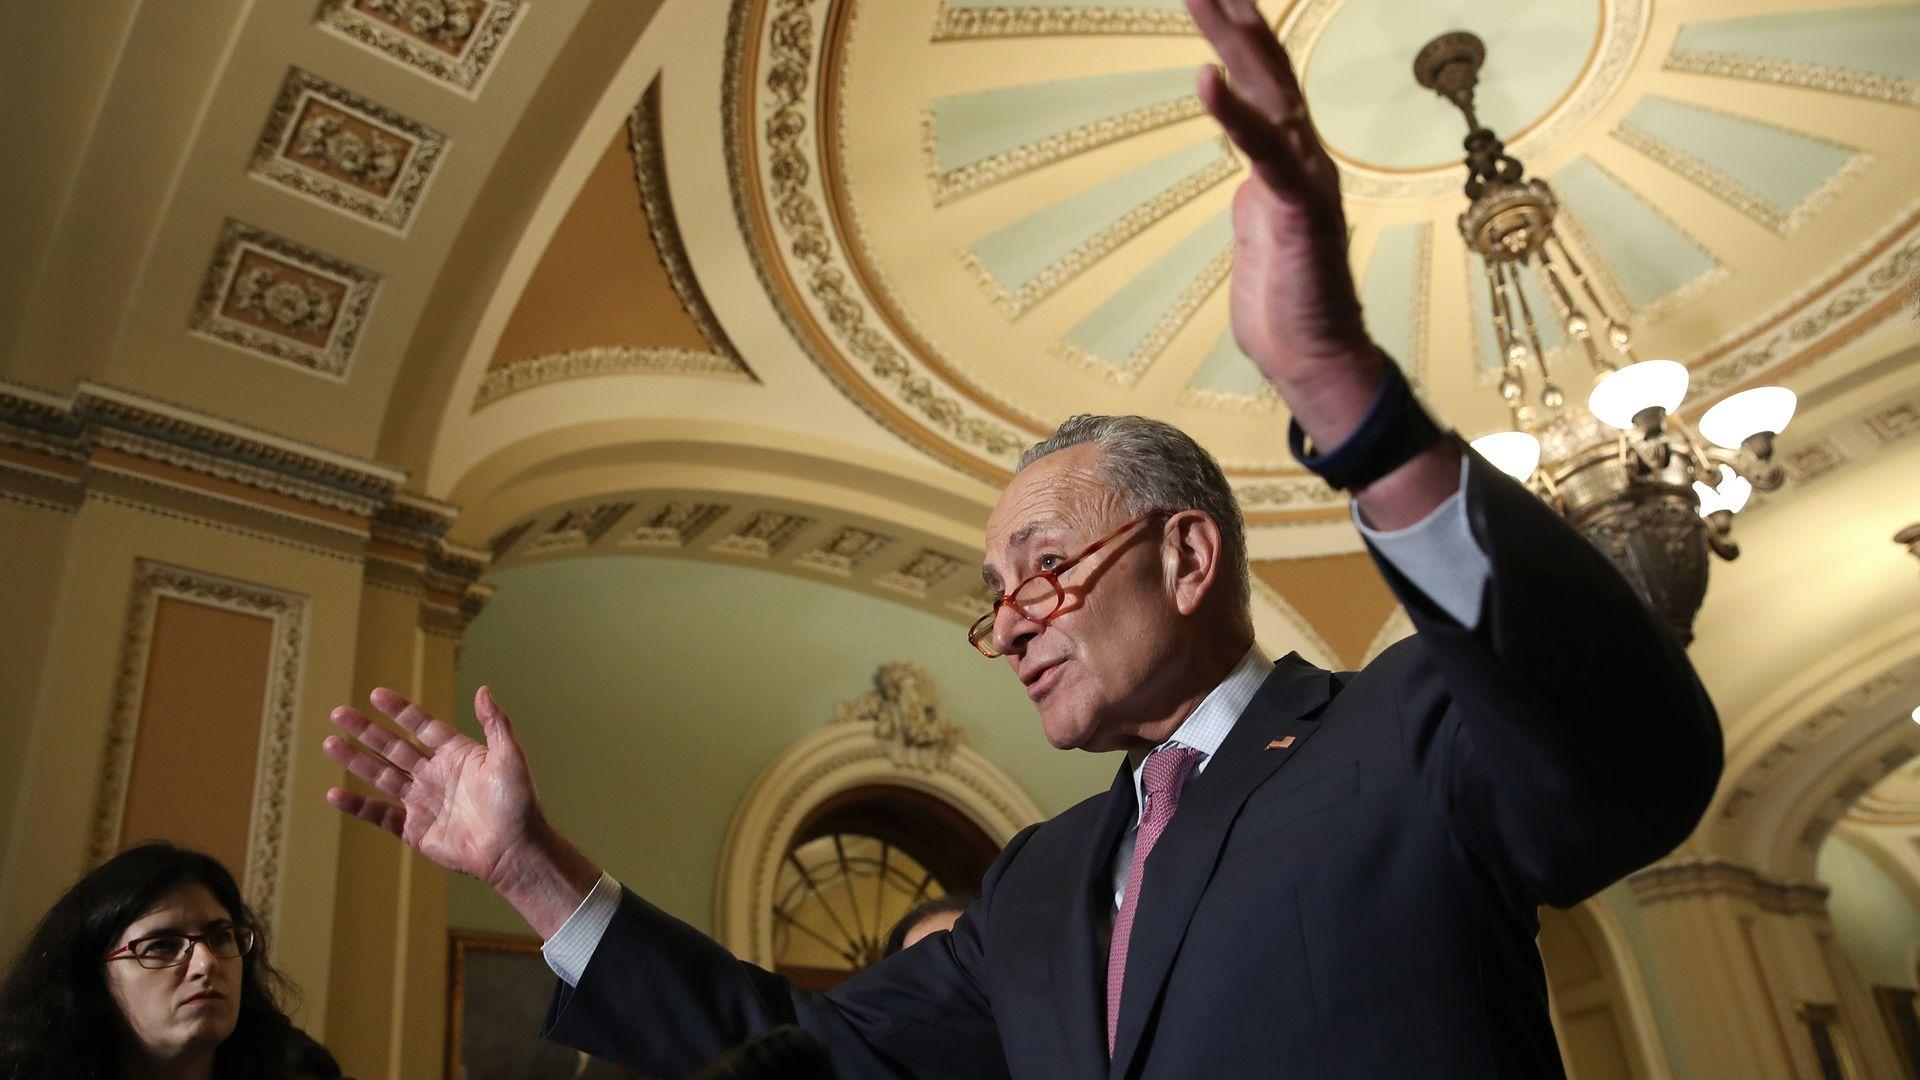 Sen. Chuck Schumer gesticulates during a speech